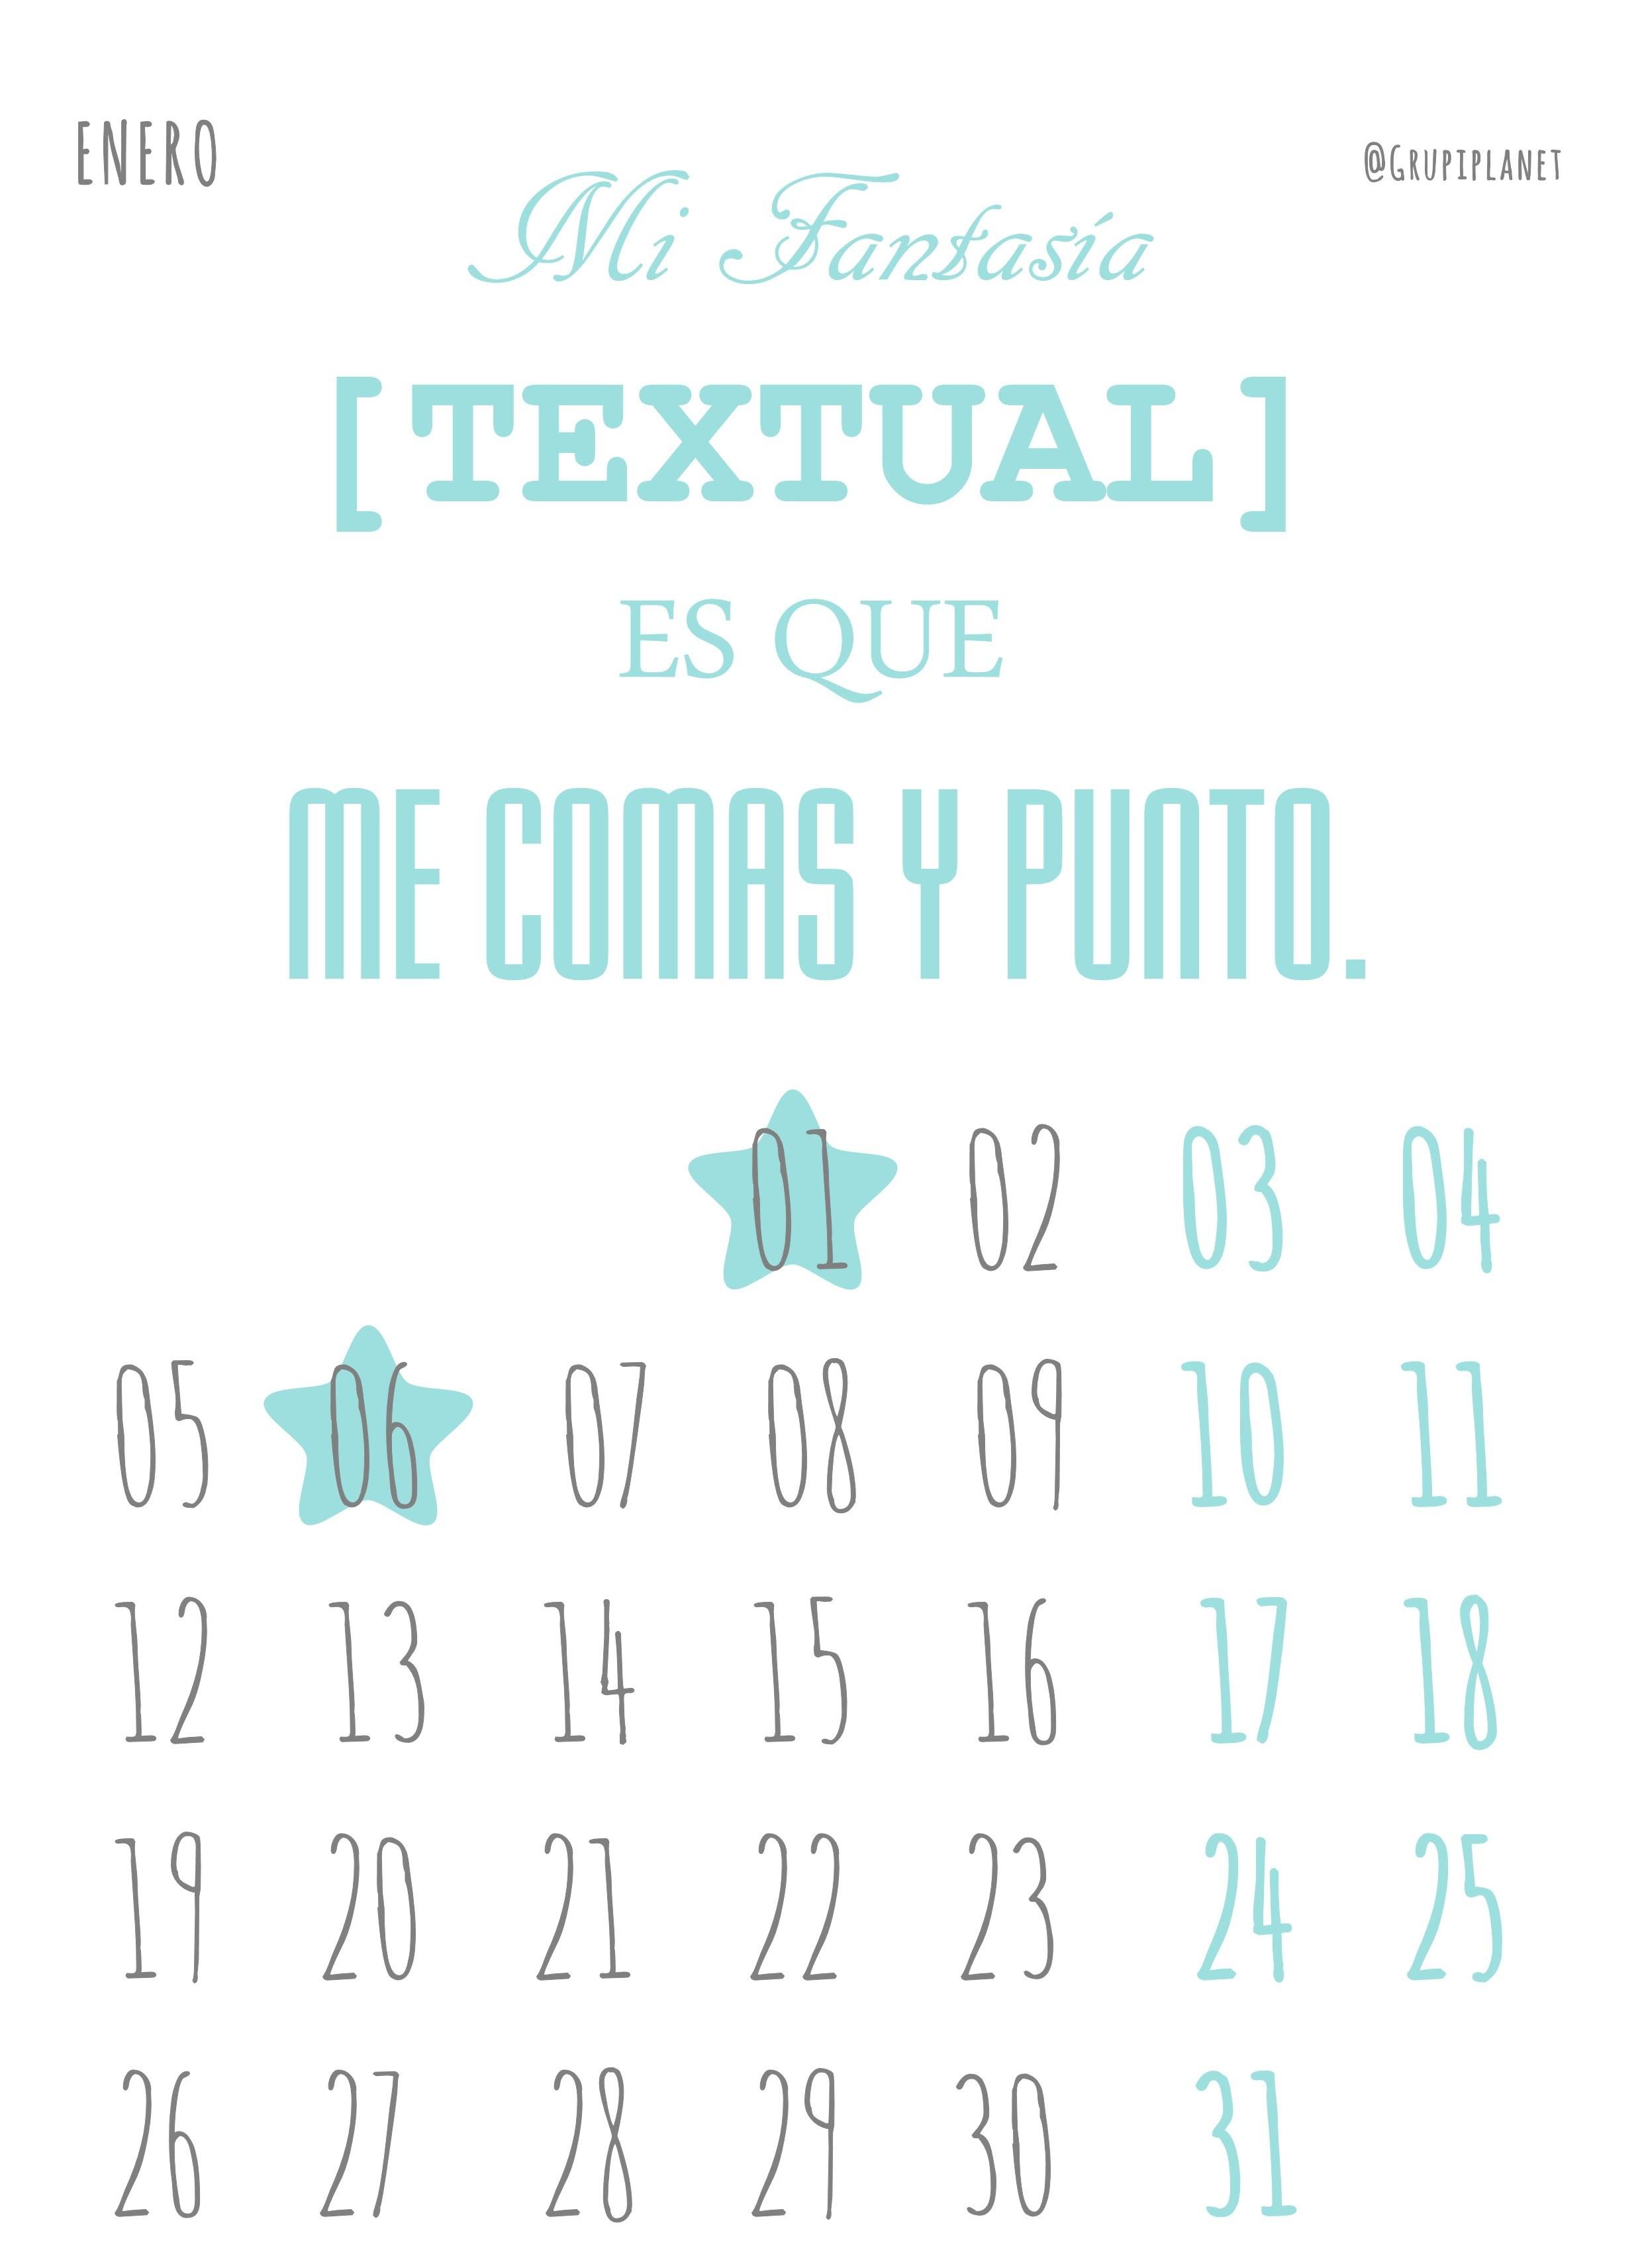 Calendario Imprimir Noviembre 2016 Más Actual Calendario Septiembre 2015 Para Imprimir Of Calendario Imprimir Noviembre 2016 Más Populares Calendario Nov 2016 Calendarios Para Imprimir